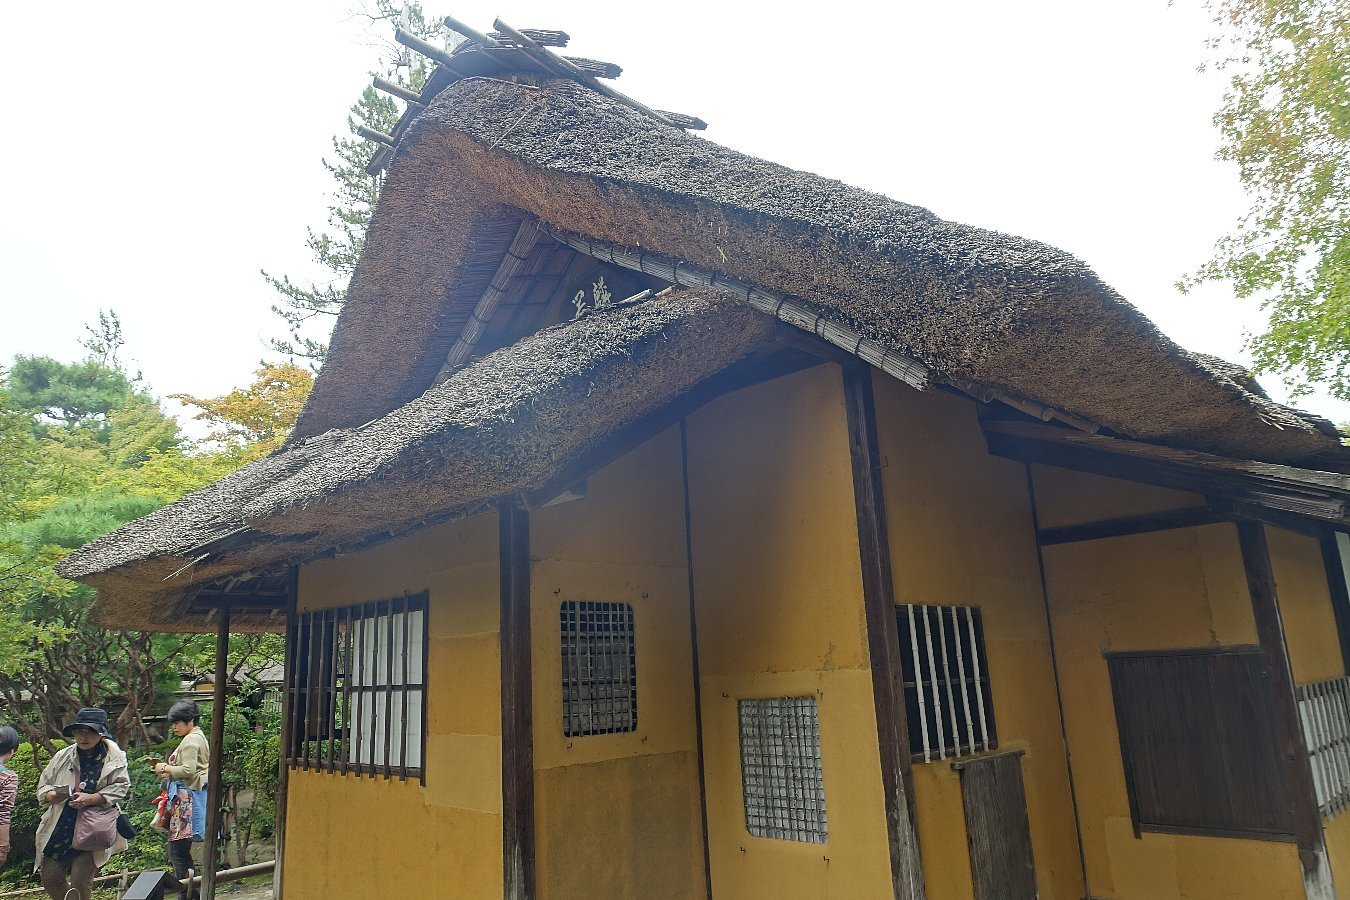 鶴ヶ城公園 茶室「麟閣」_c0112559_08395558.jpg